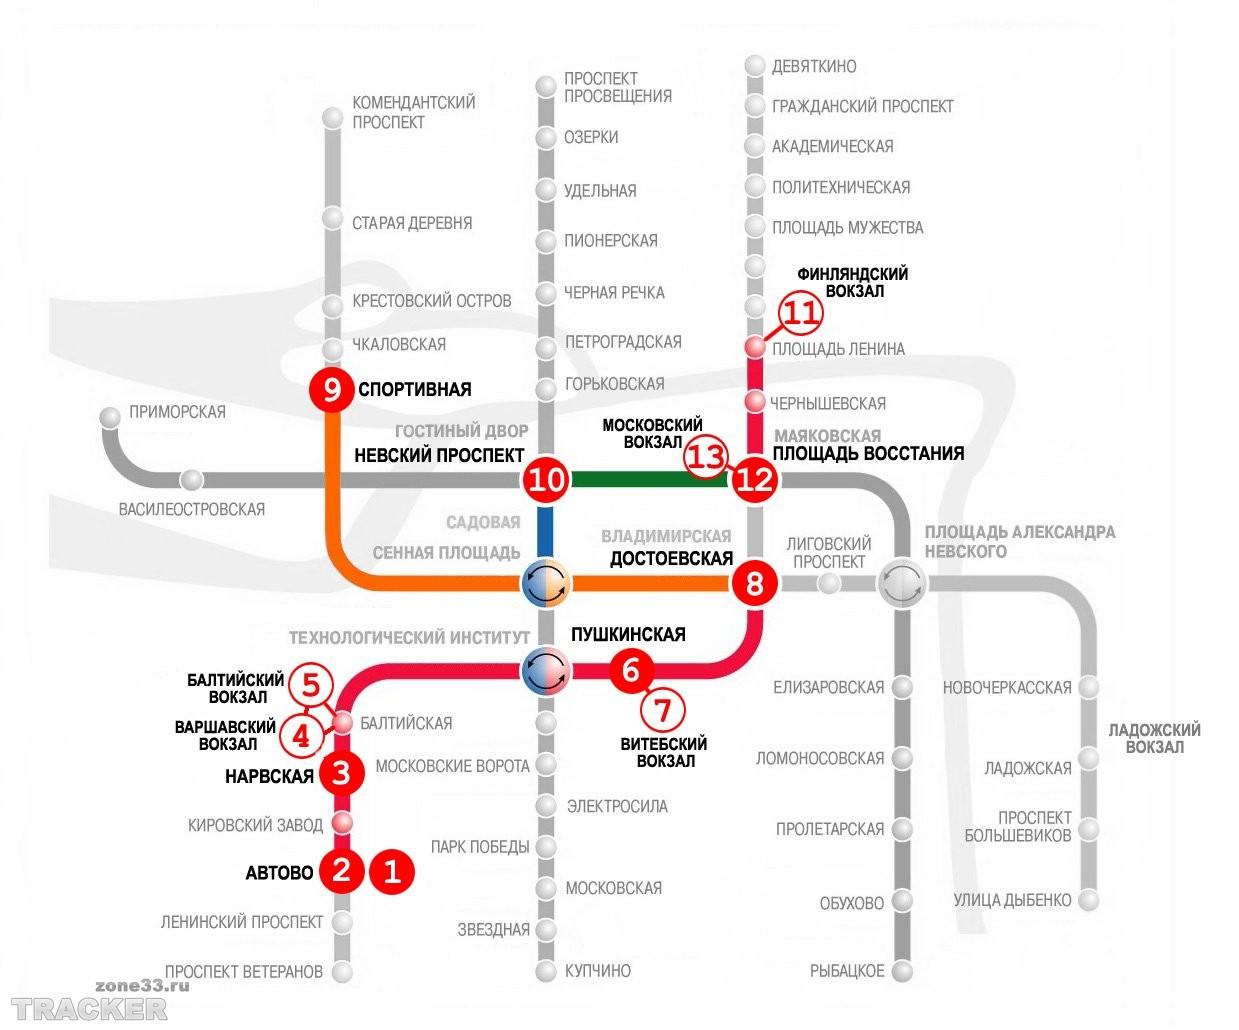 же, как пройти на ладожский вокзал с метро почта: